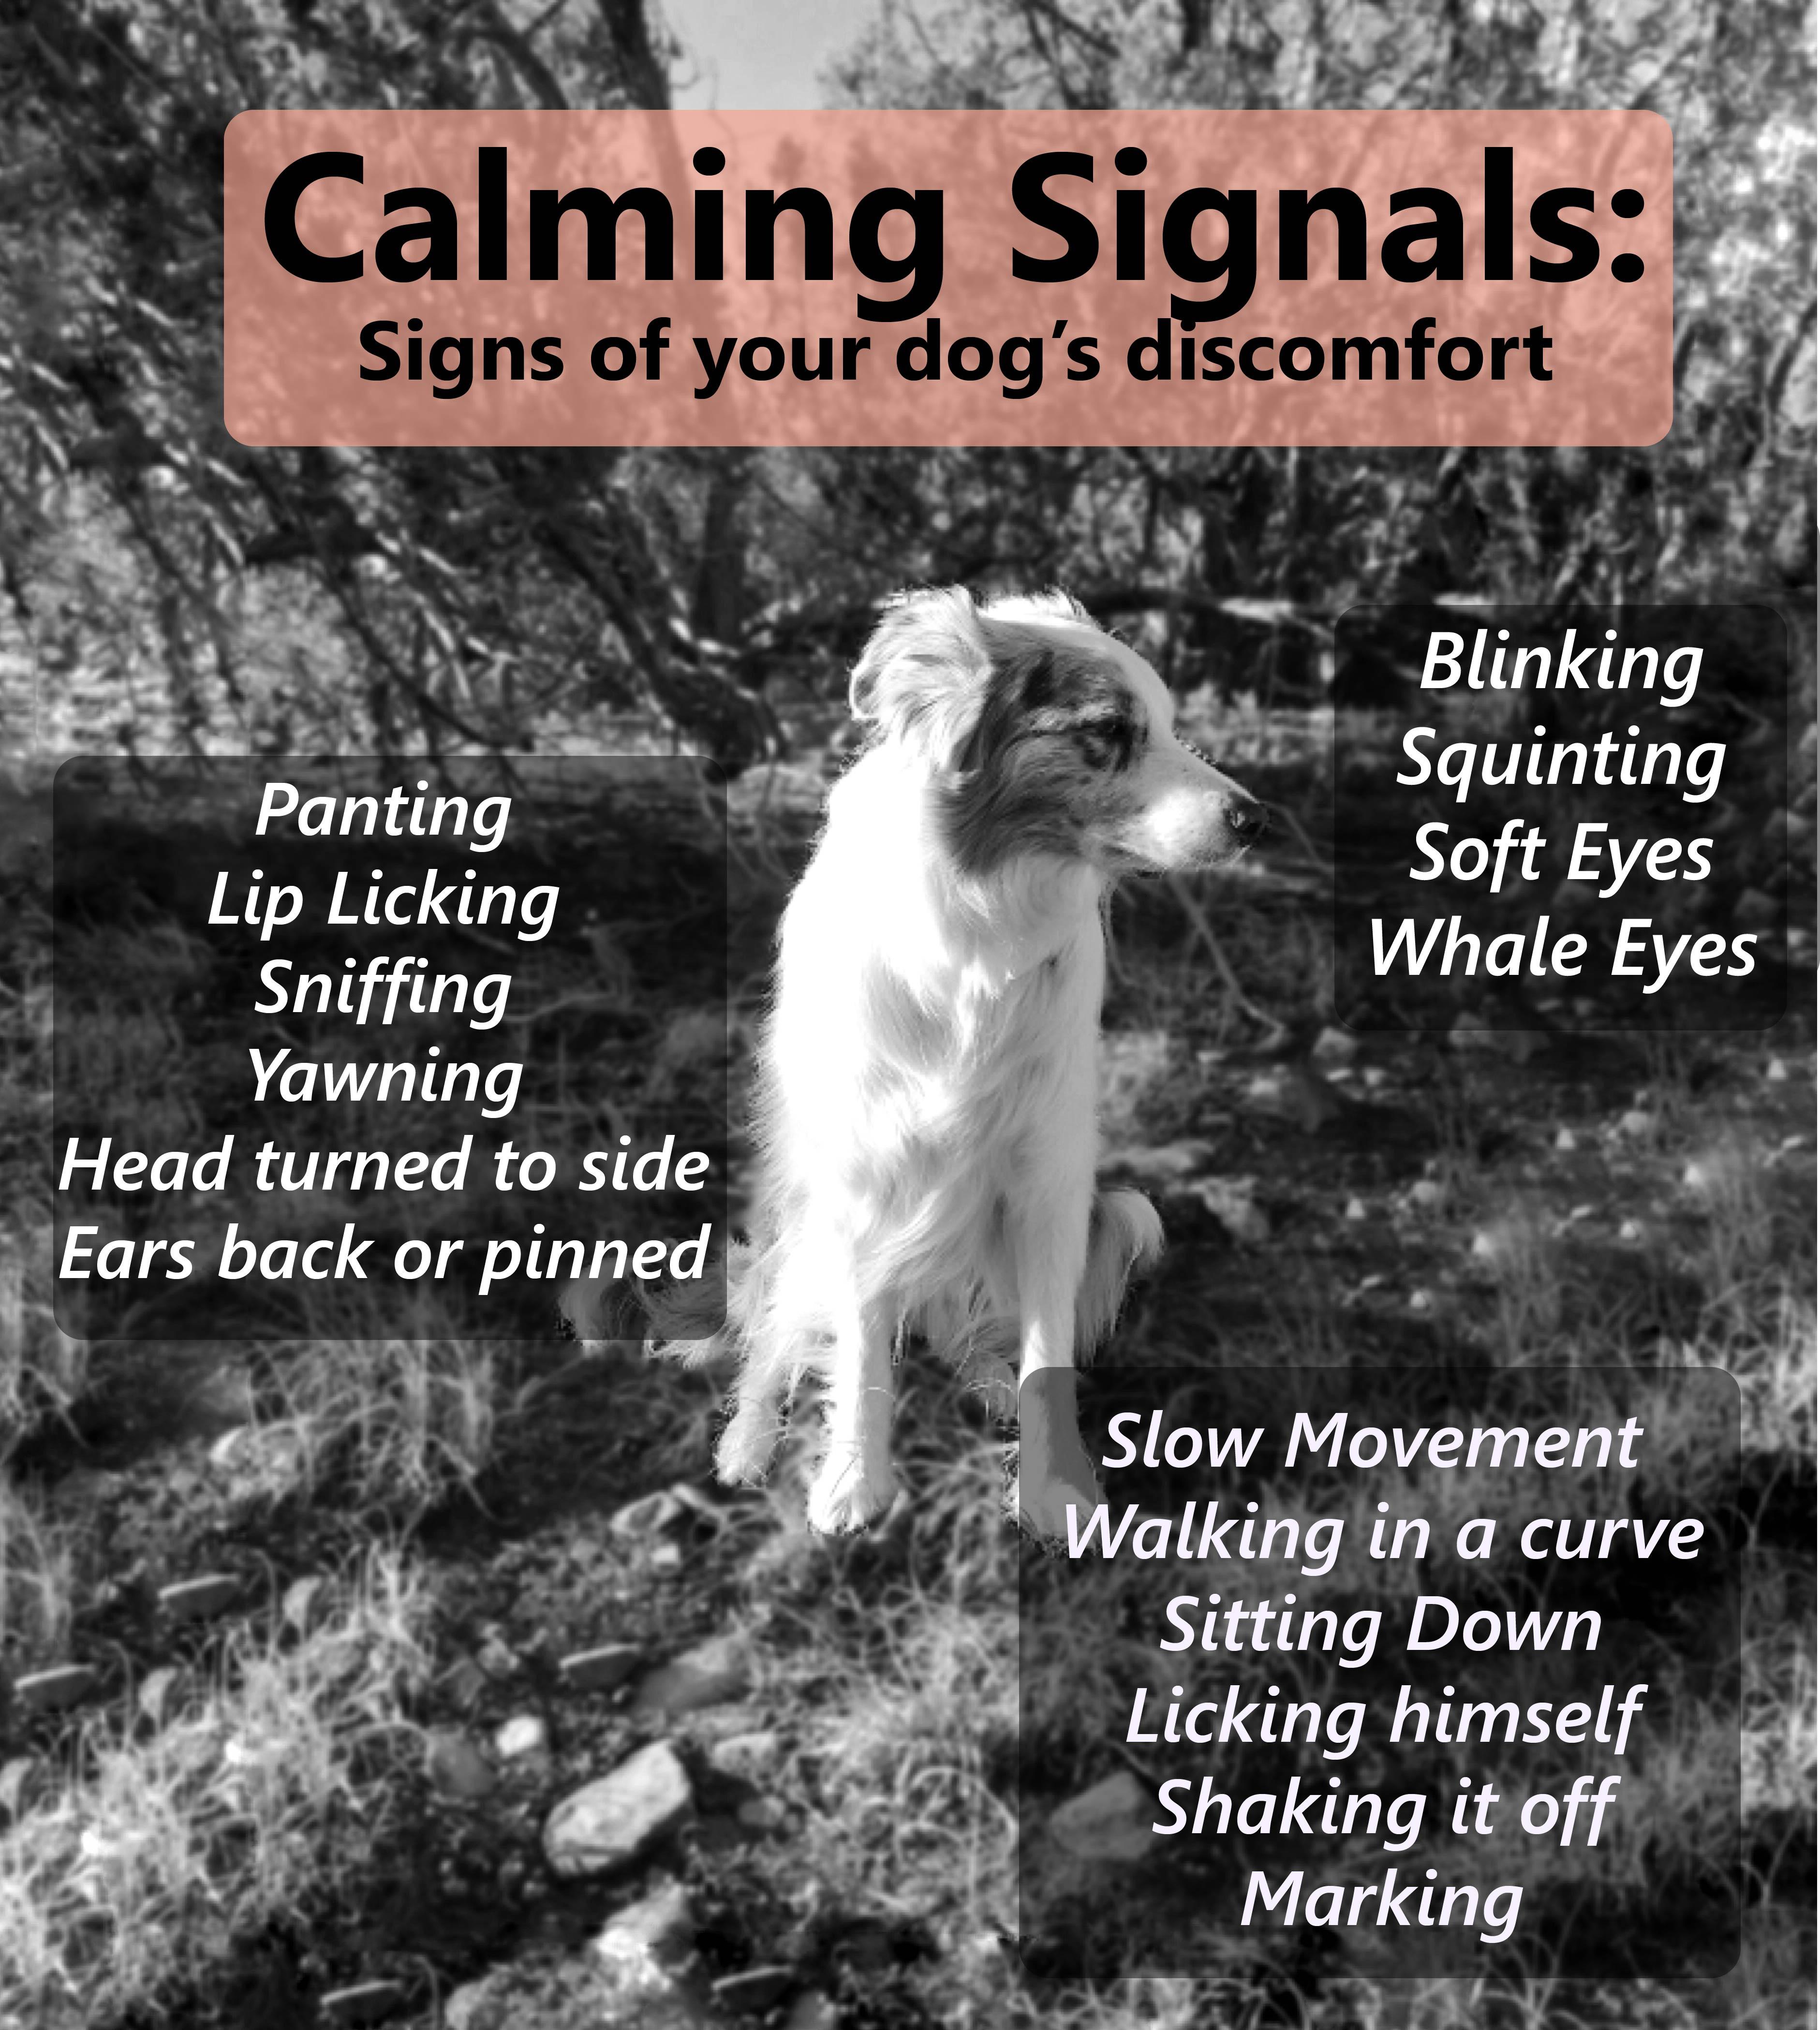 Calming signals